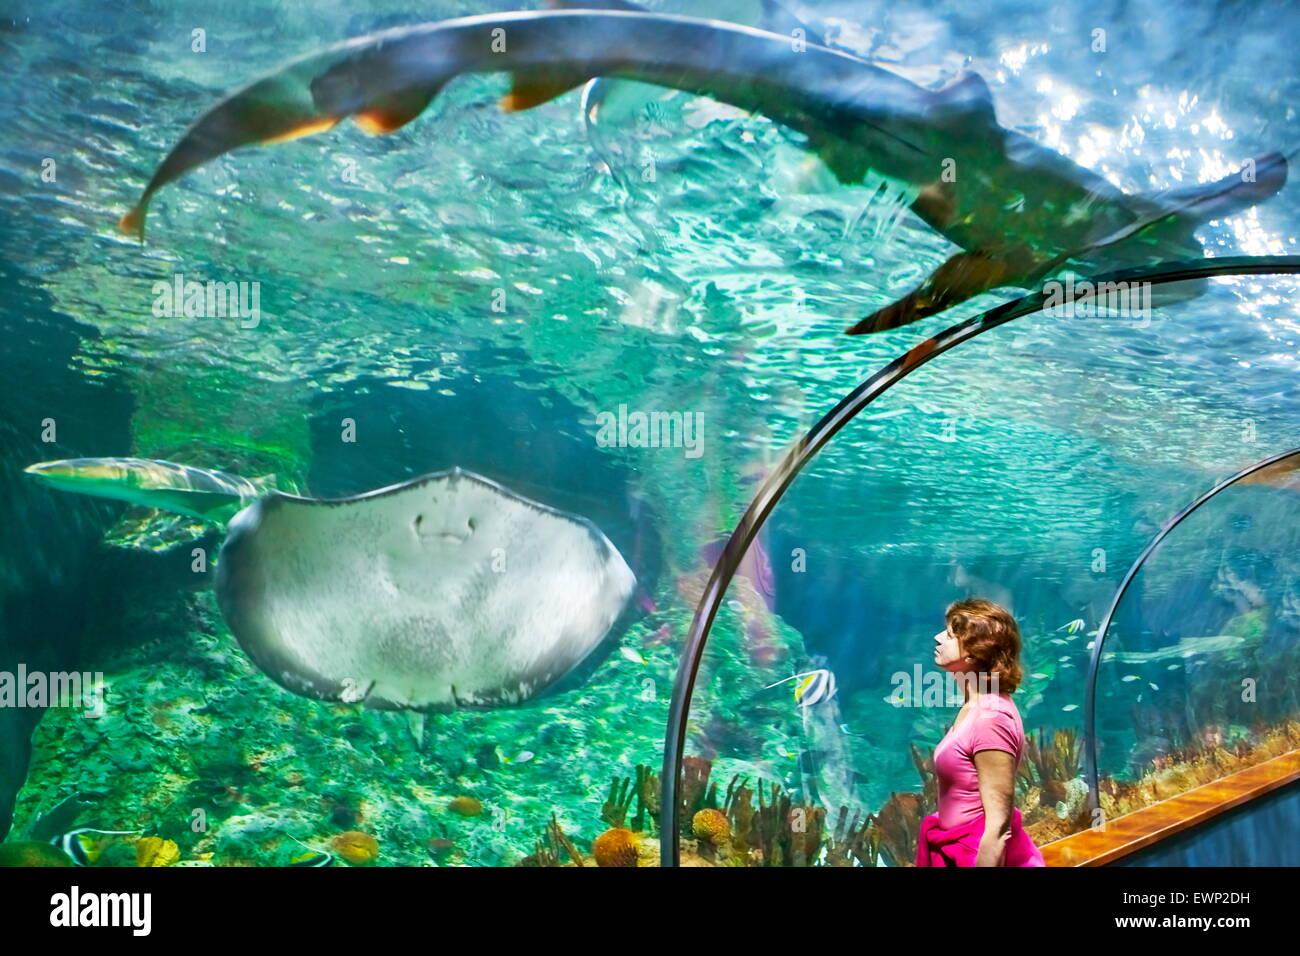 Lo squalo e stingray, acquario in Loro Parque, Puerto de la Cruz, Tenerife, Isole Canarie, Spagna Foto Stock